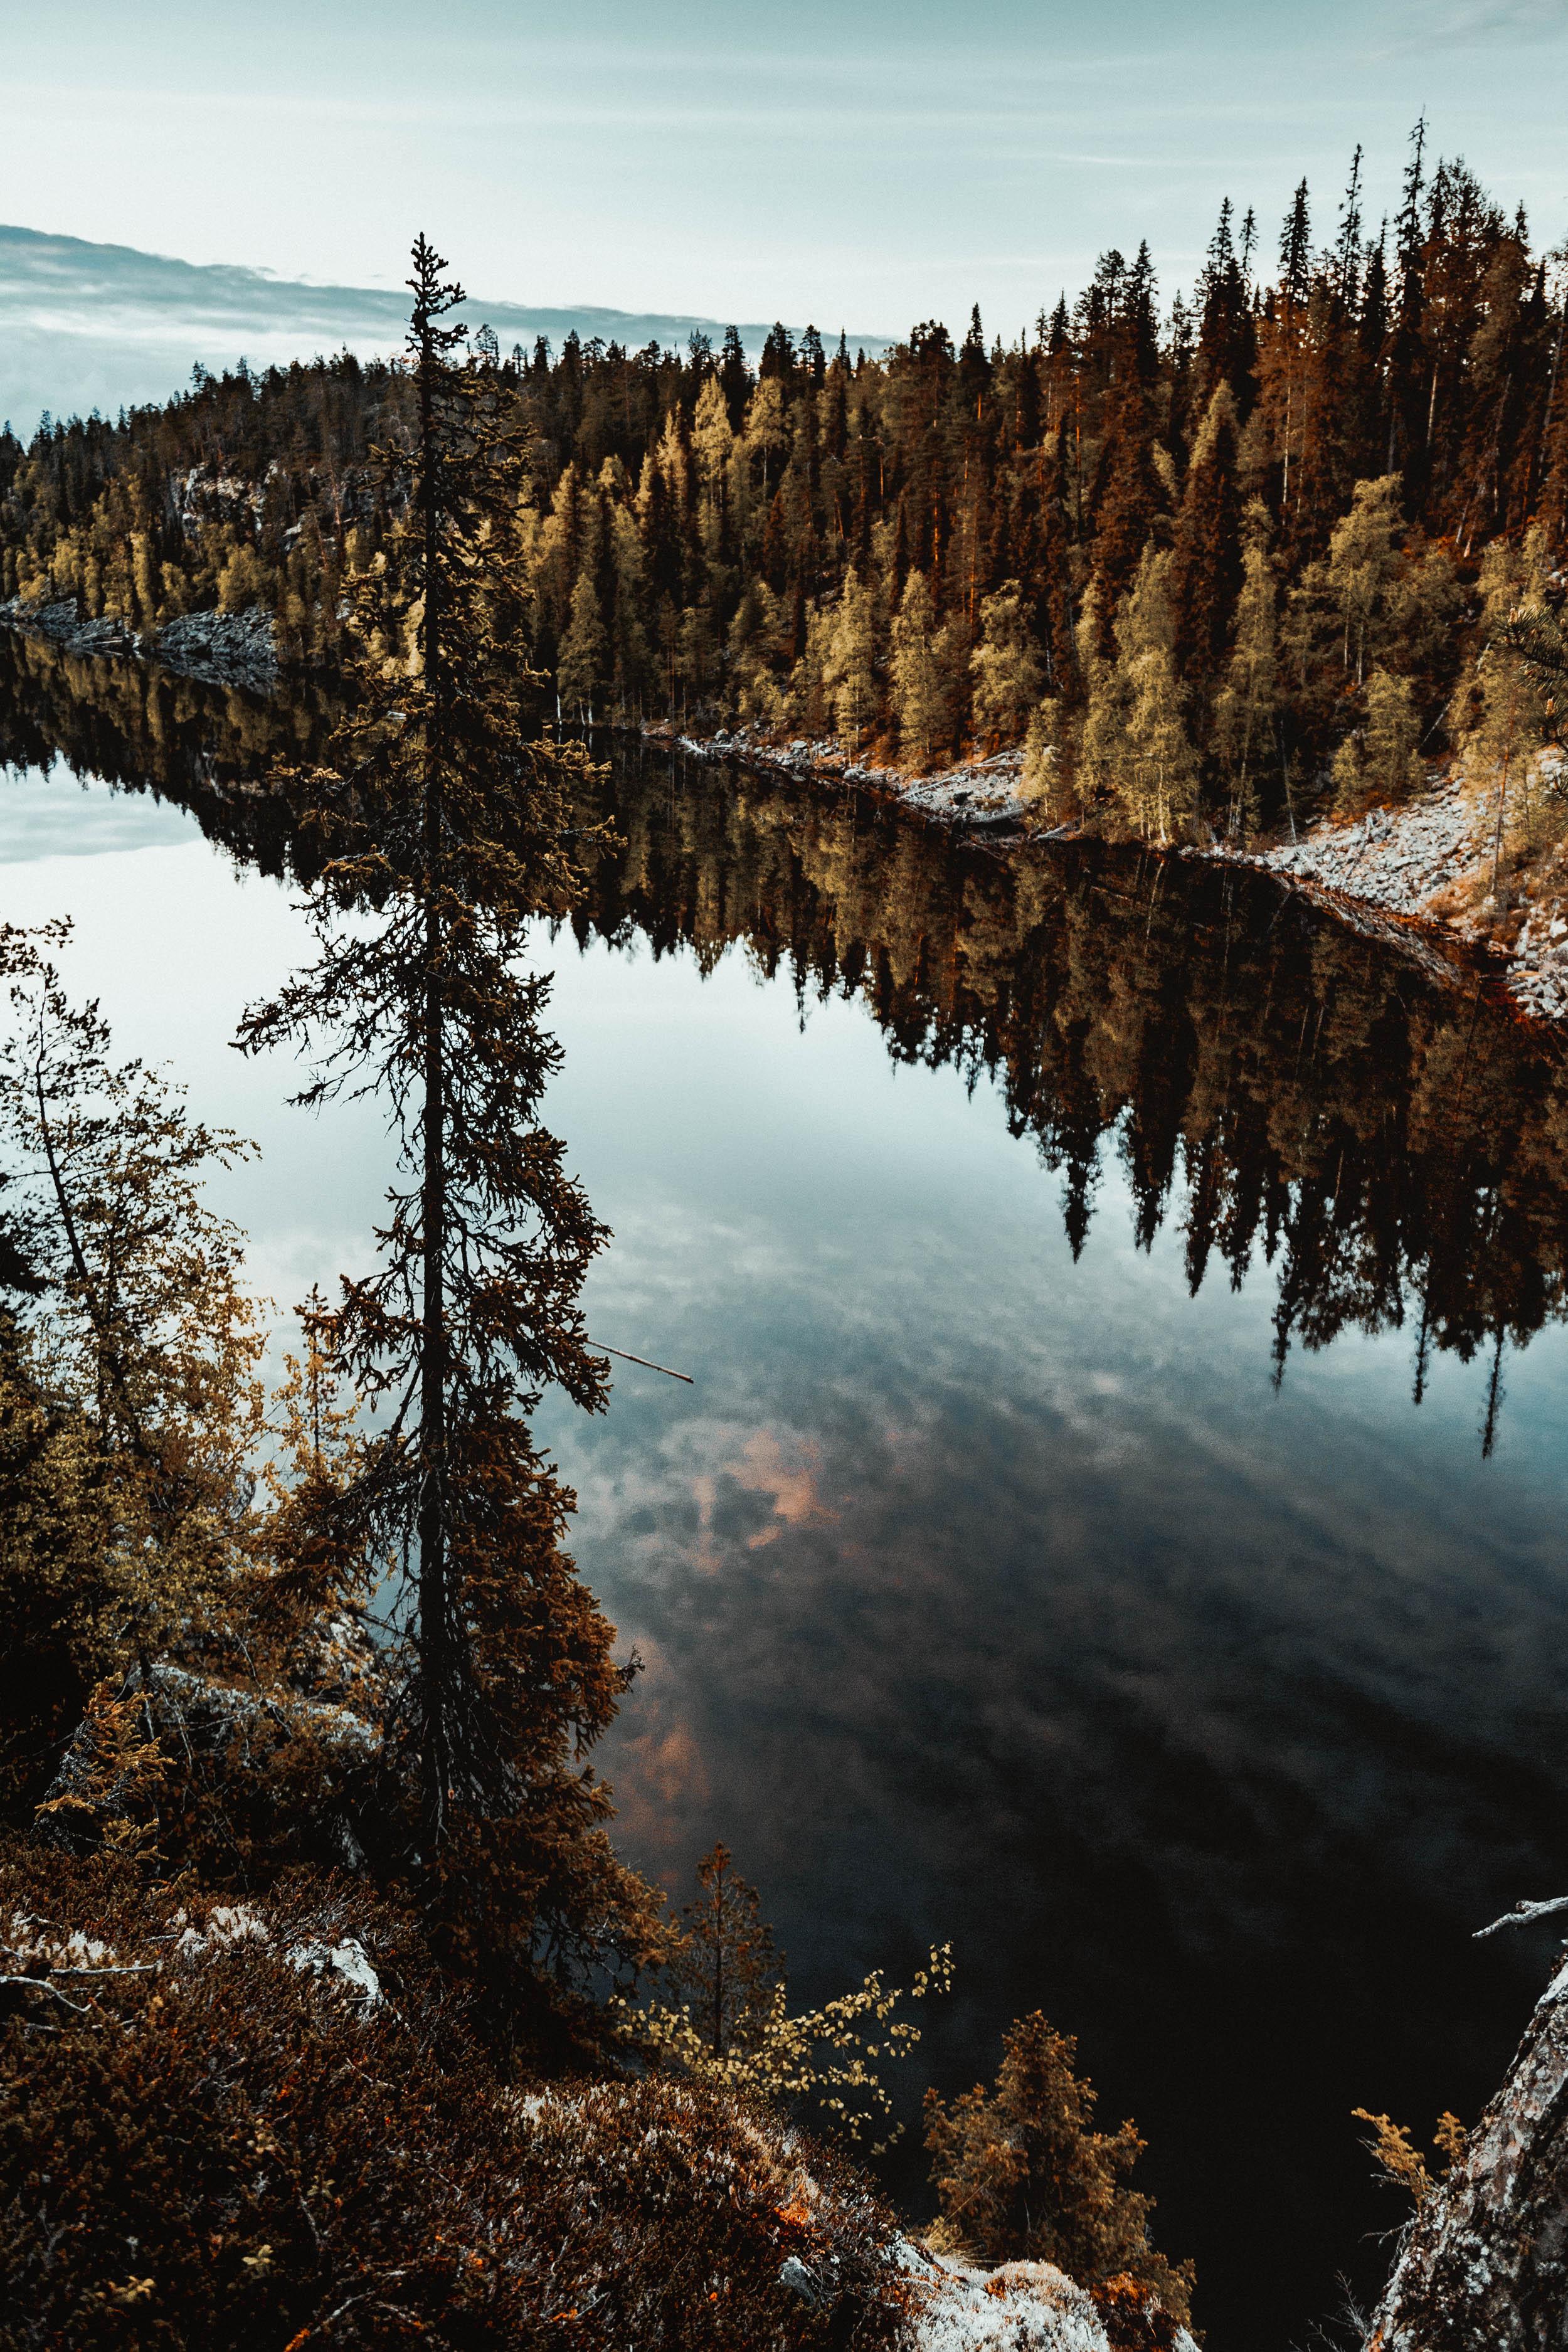 15-finland-hossa-national-park-hiking-kansallispuisto-anna-elina-lahti-photographer.jpg